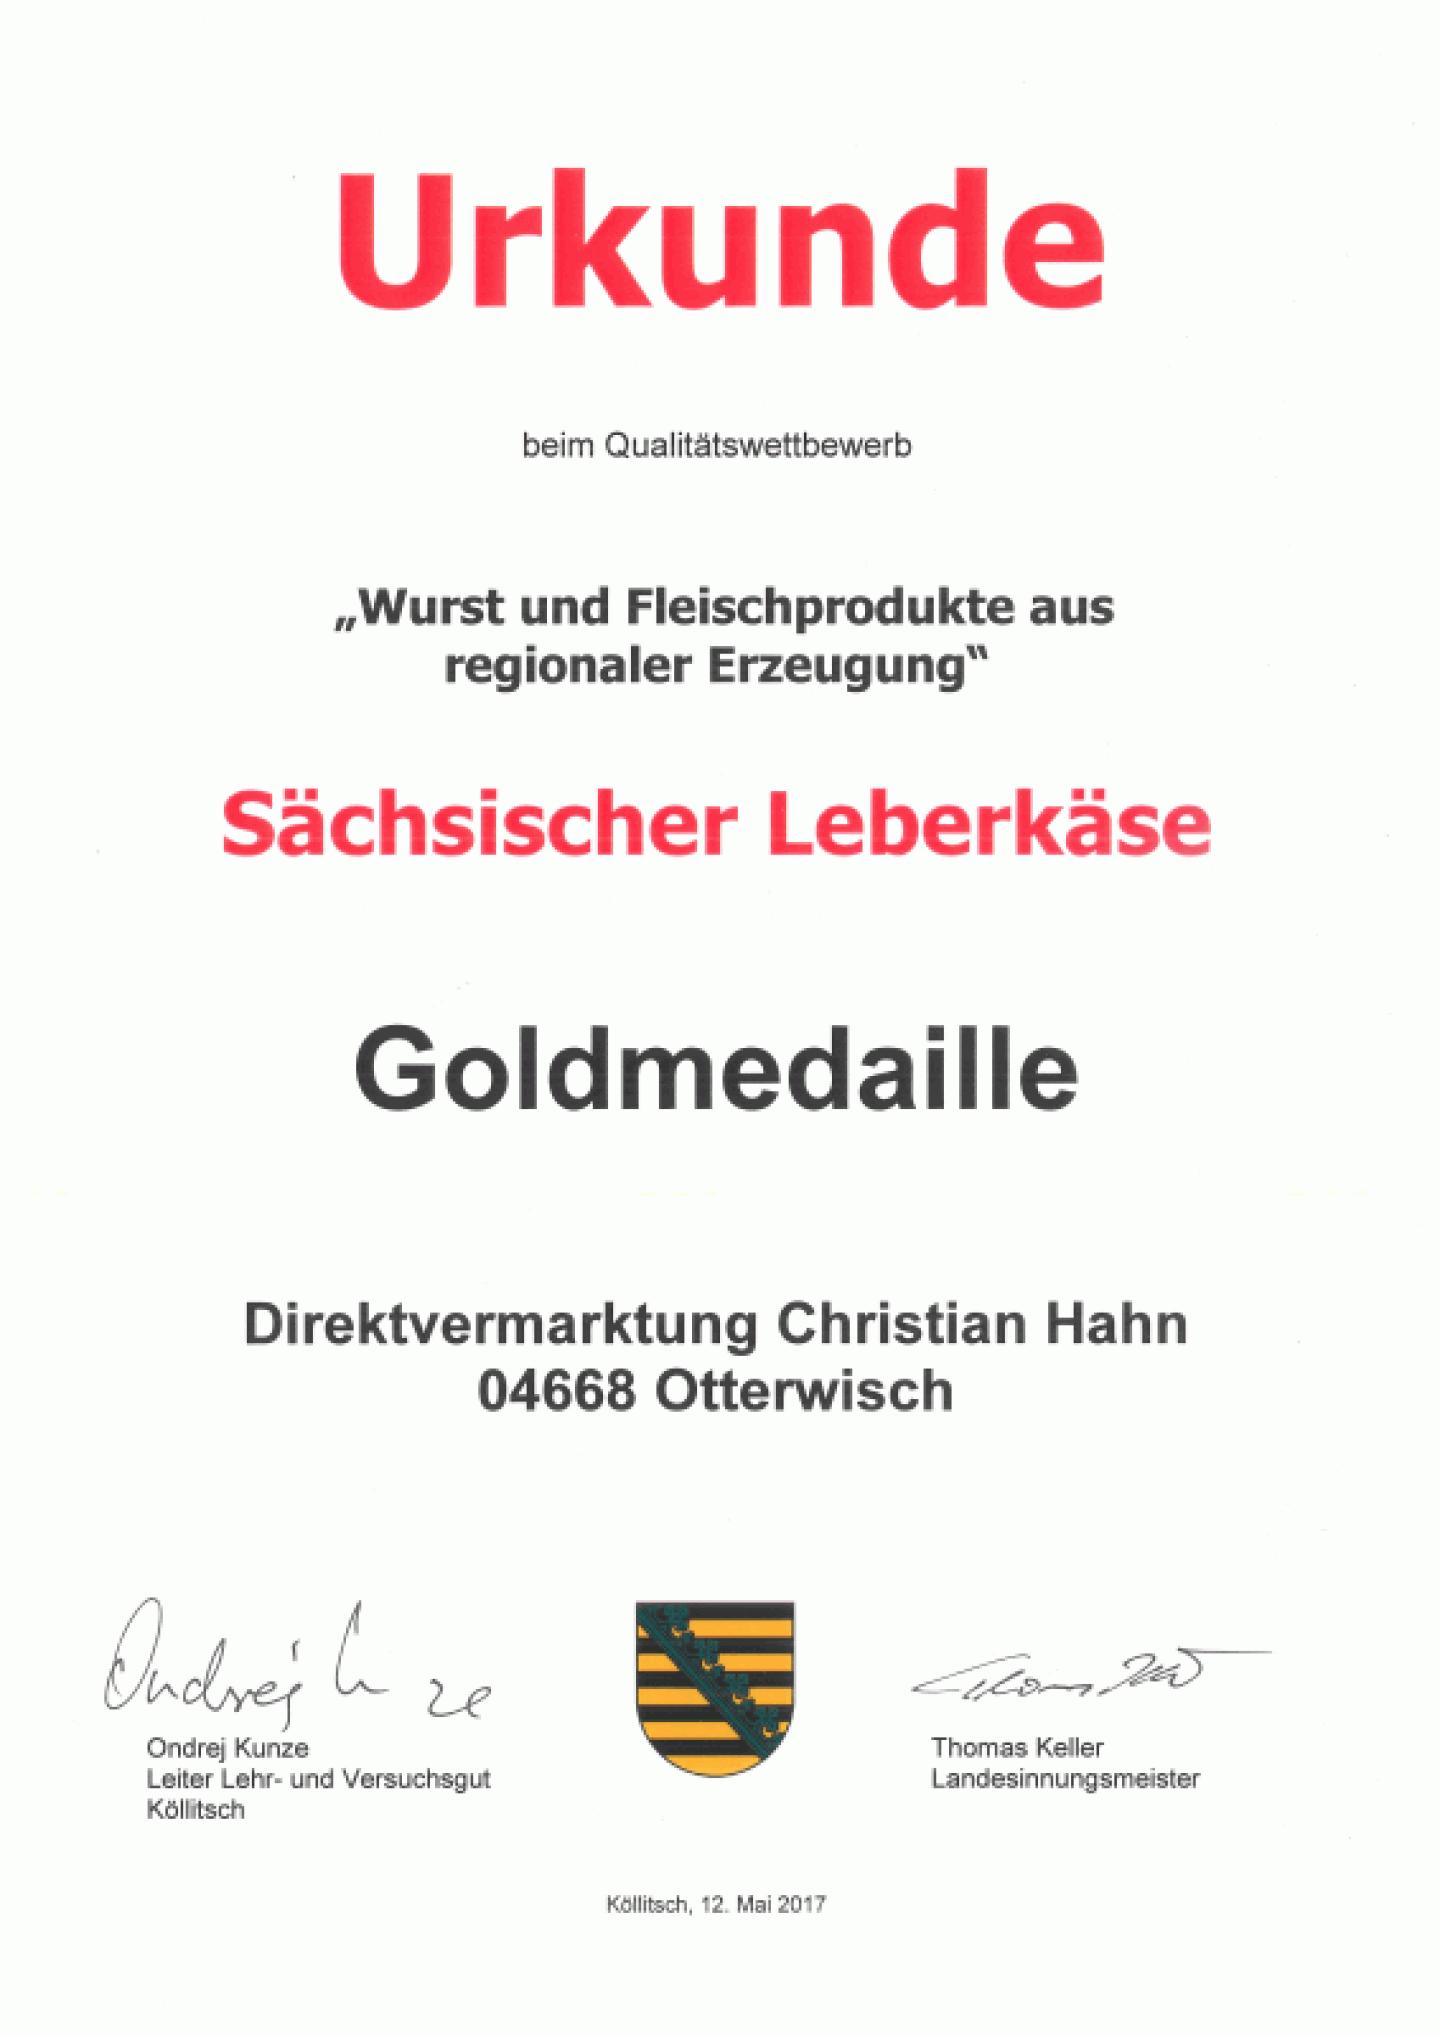 Saechsicher_Leberkaese